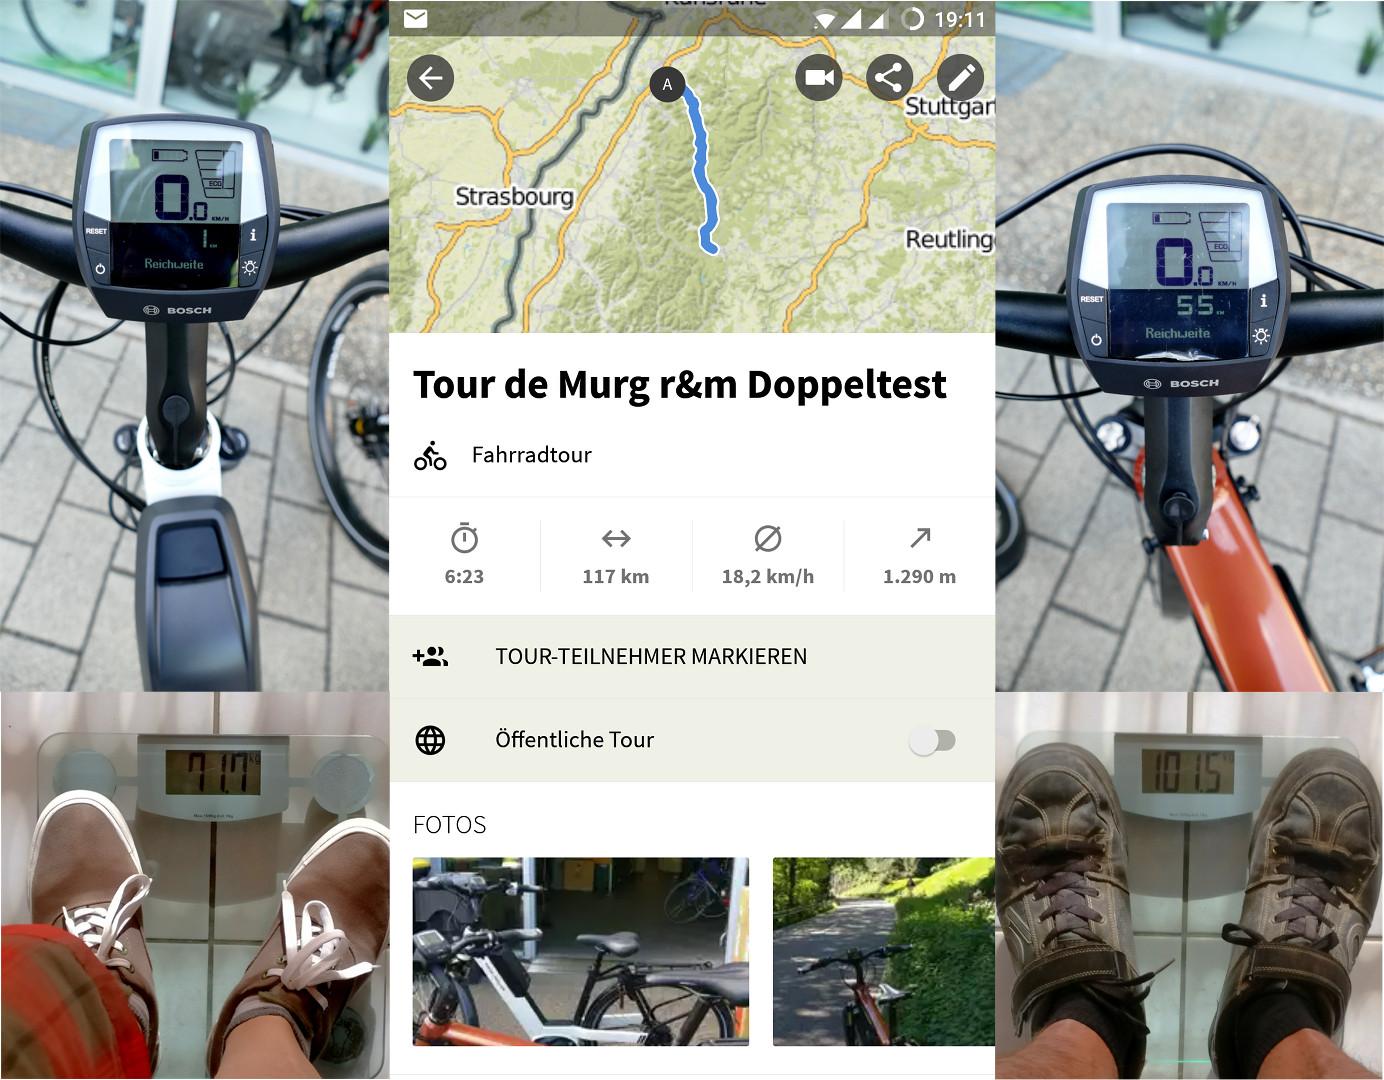 Tour de Murg komoot Aufzeichnung und restreichweiten der Testbikes